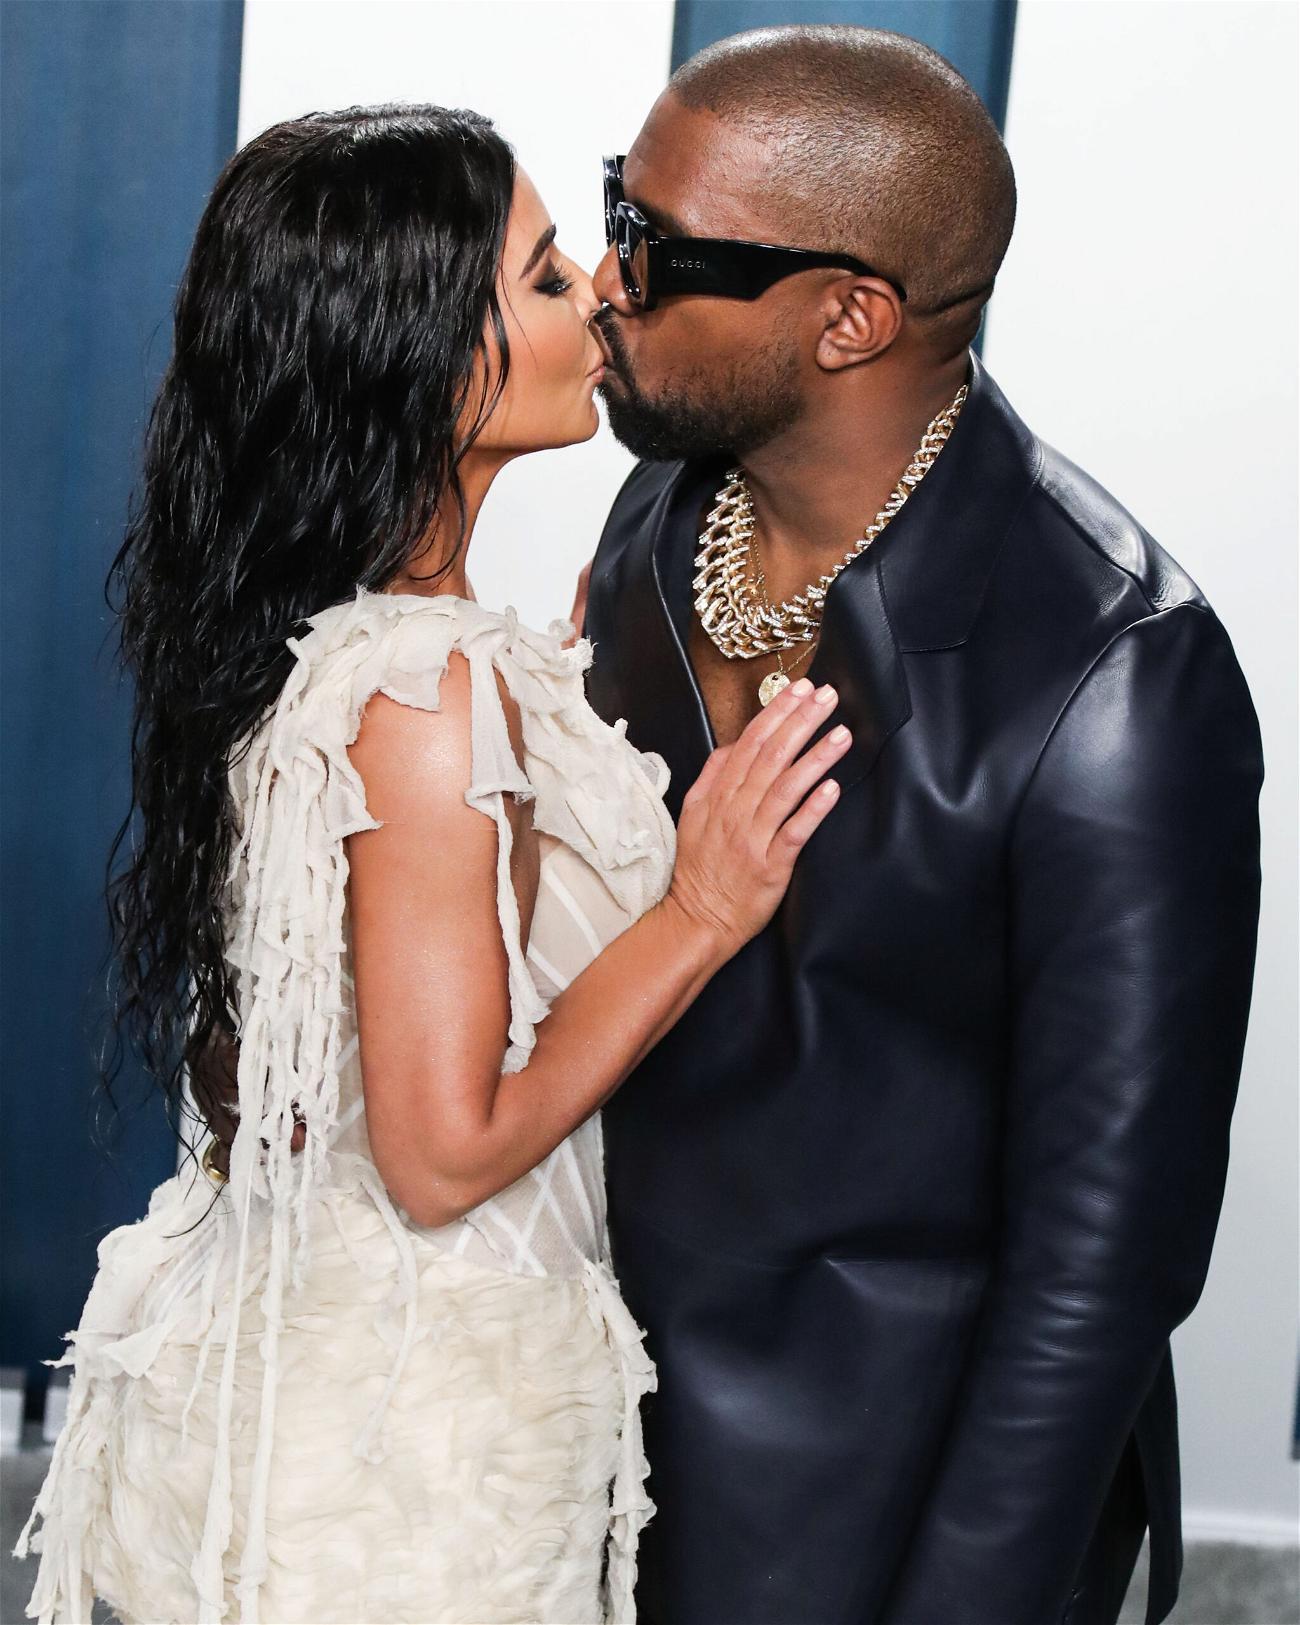 Kanye West & Kim Kardashian NOT Back Together, Despite Recent Rendezvous